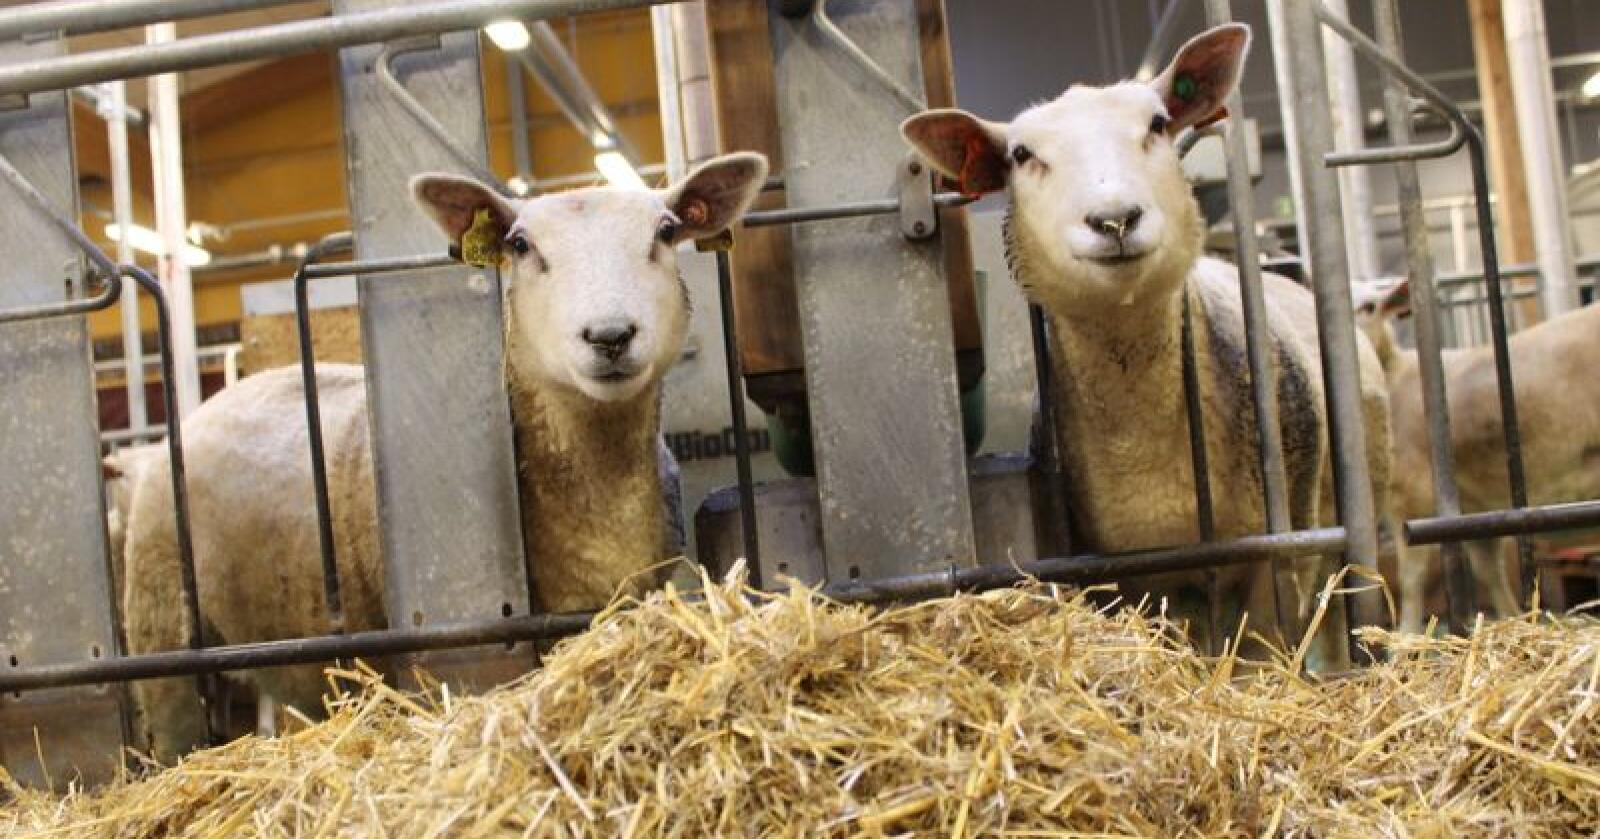 Mulig marked: Storbritannia er et interessant marked for norsk lammekjøtt, mener Bjørn Eidem, forsker i Ruralis. Foto: Marit Glærum